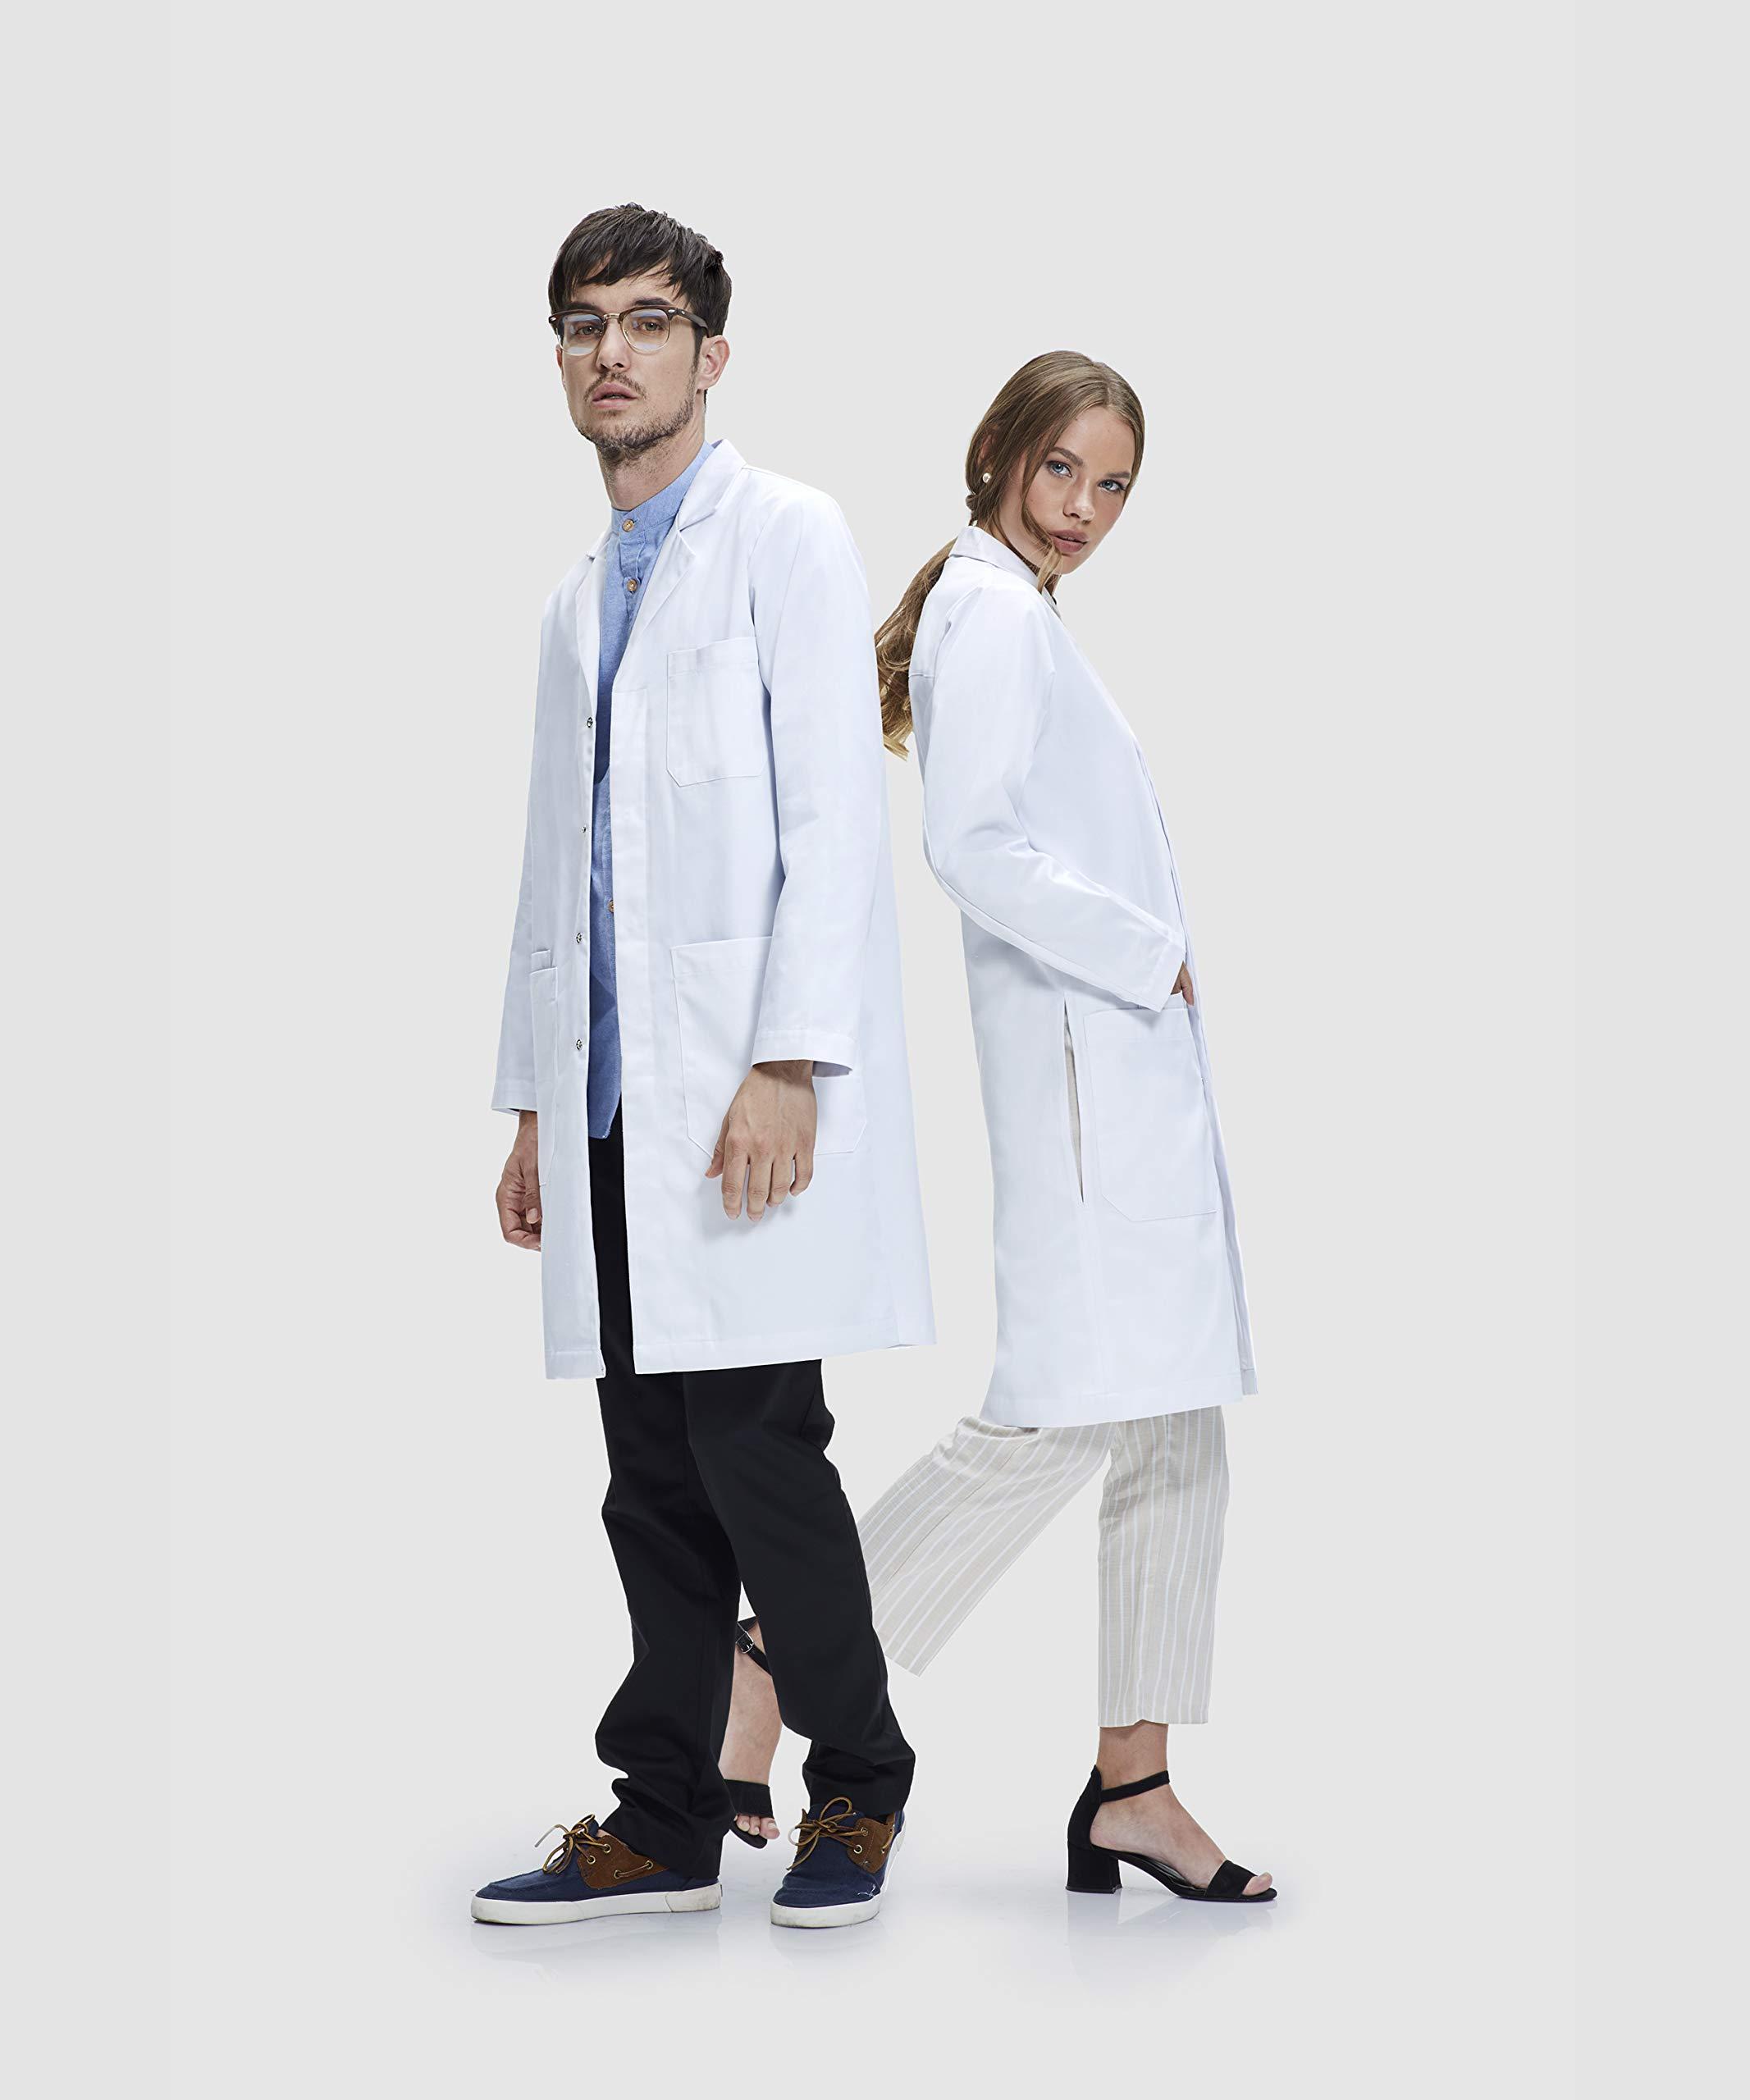 James Camice da Laboratorio Unisex 100% Cotone vestibilità Classica Dr